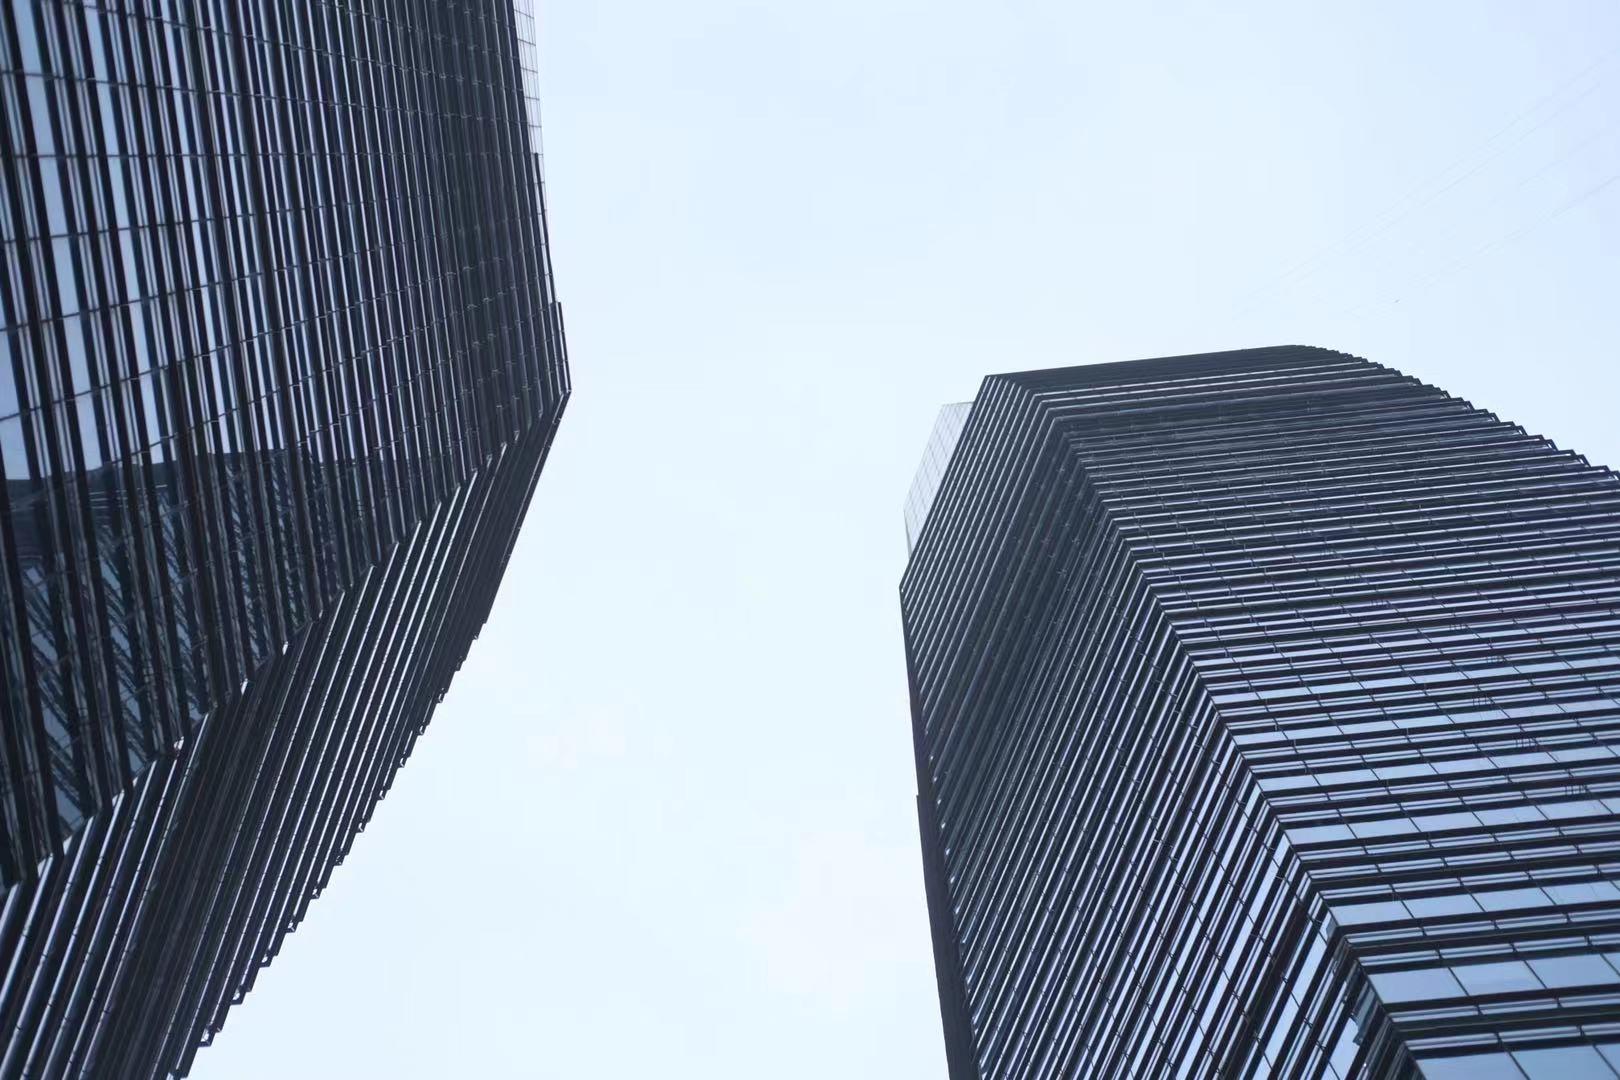 苏州高新区狮山商务创新区楼宇经济活力迸发